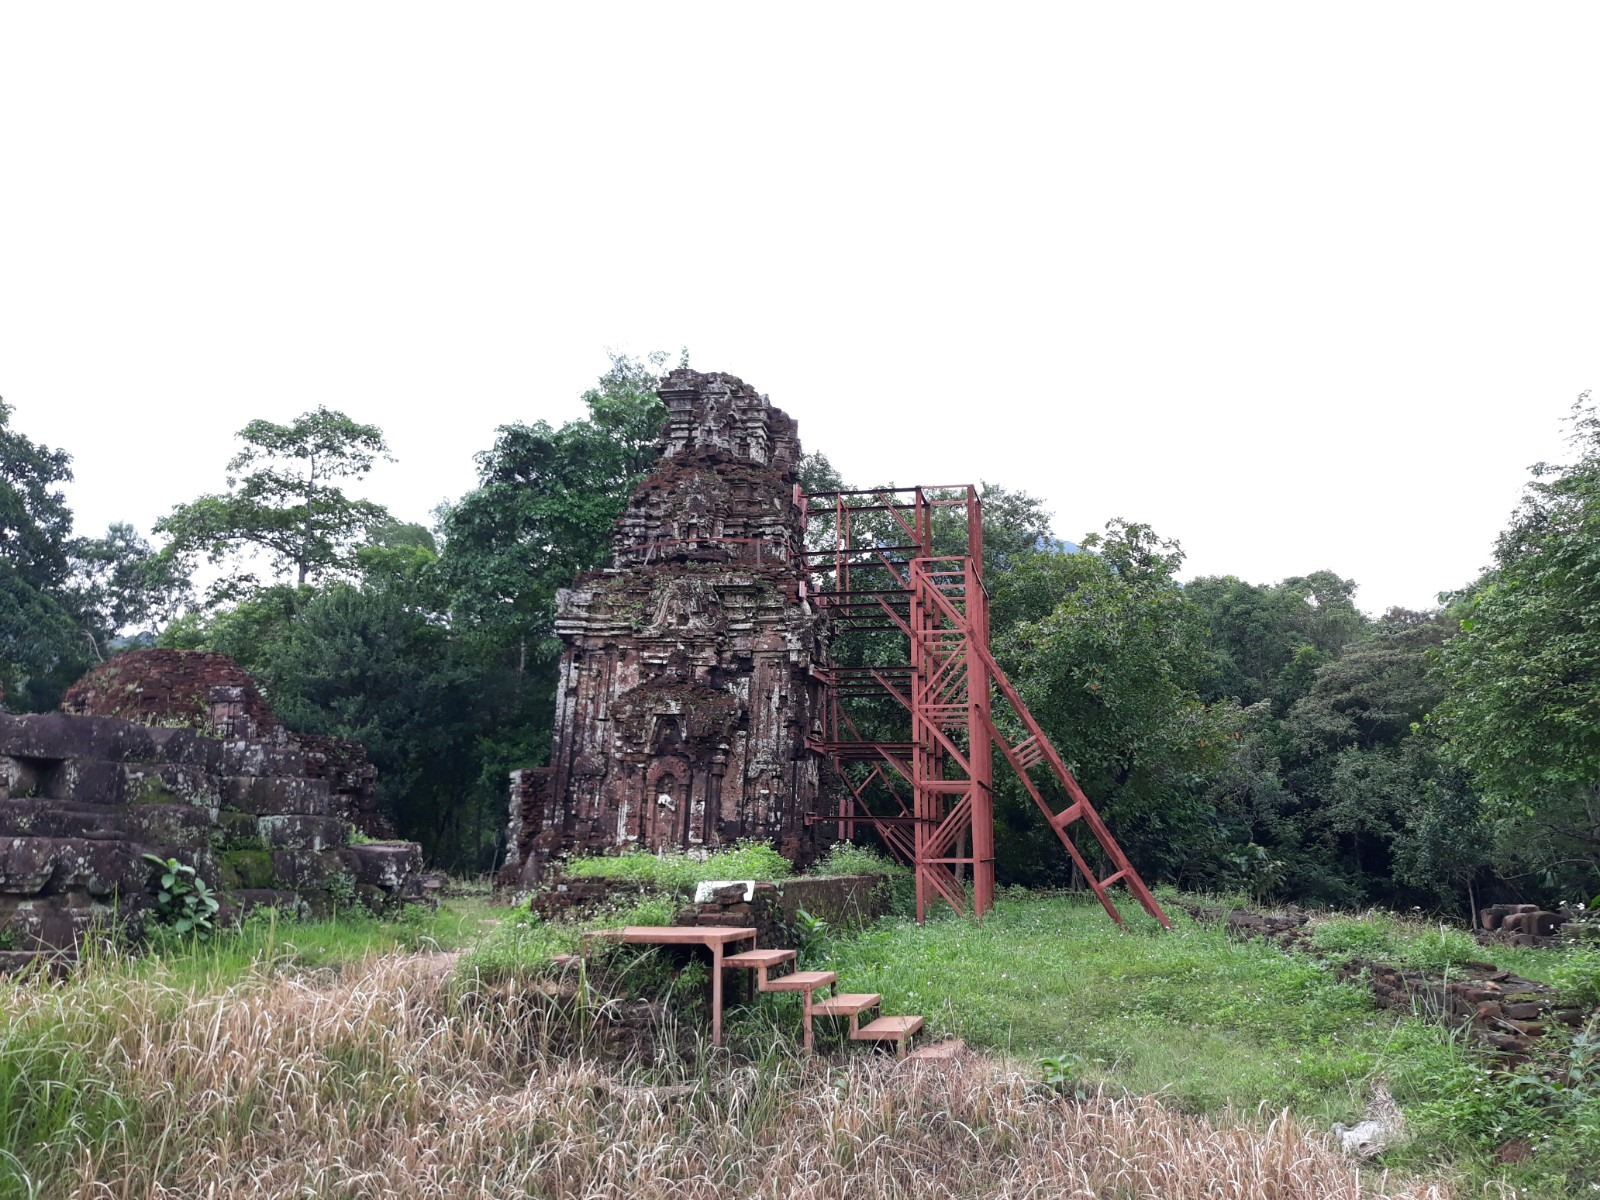 Tháp B3 đã được gia cố, chống đỡ bằng hệ thống kiềng thép. Ảnh: B.A